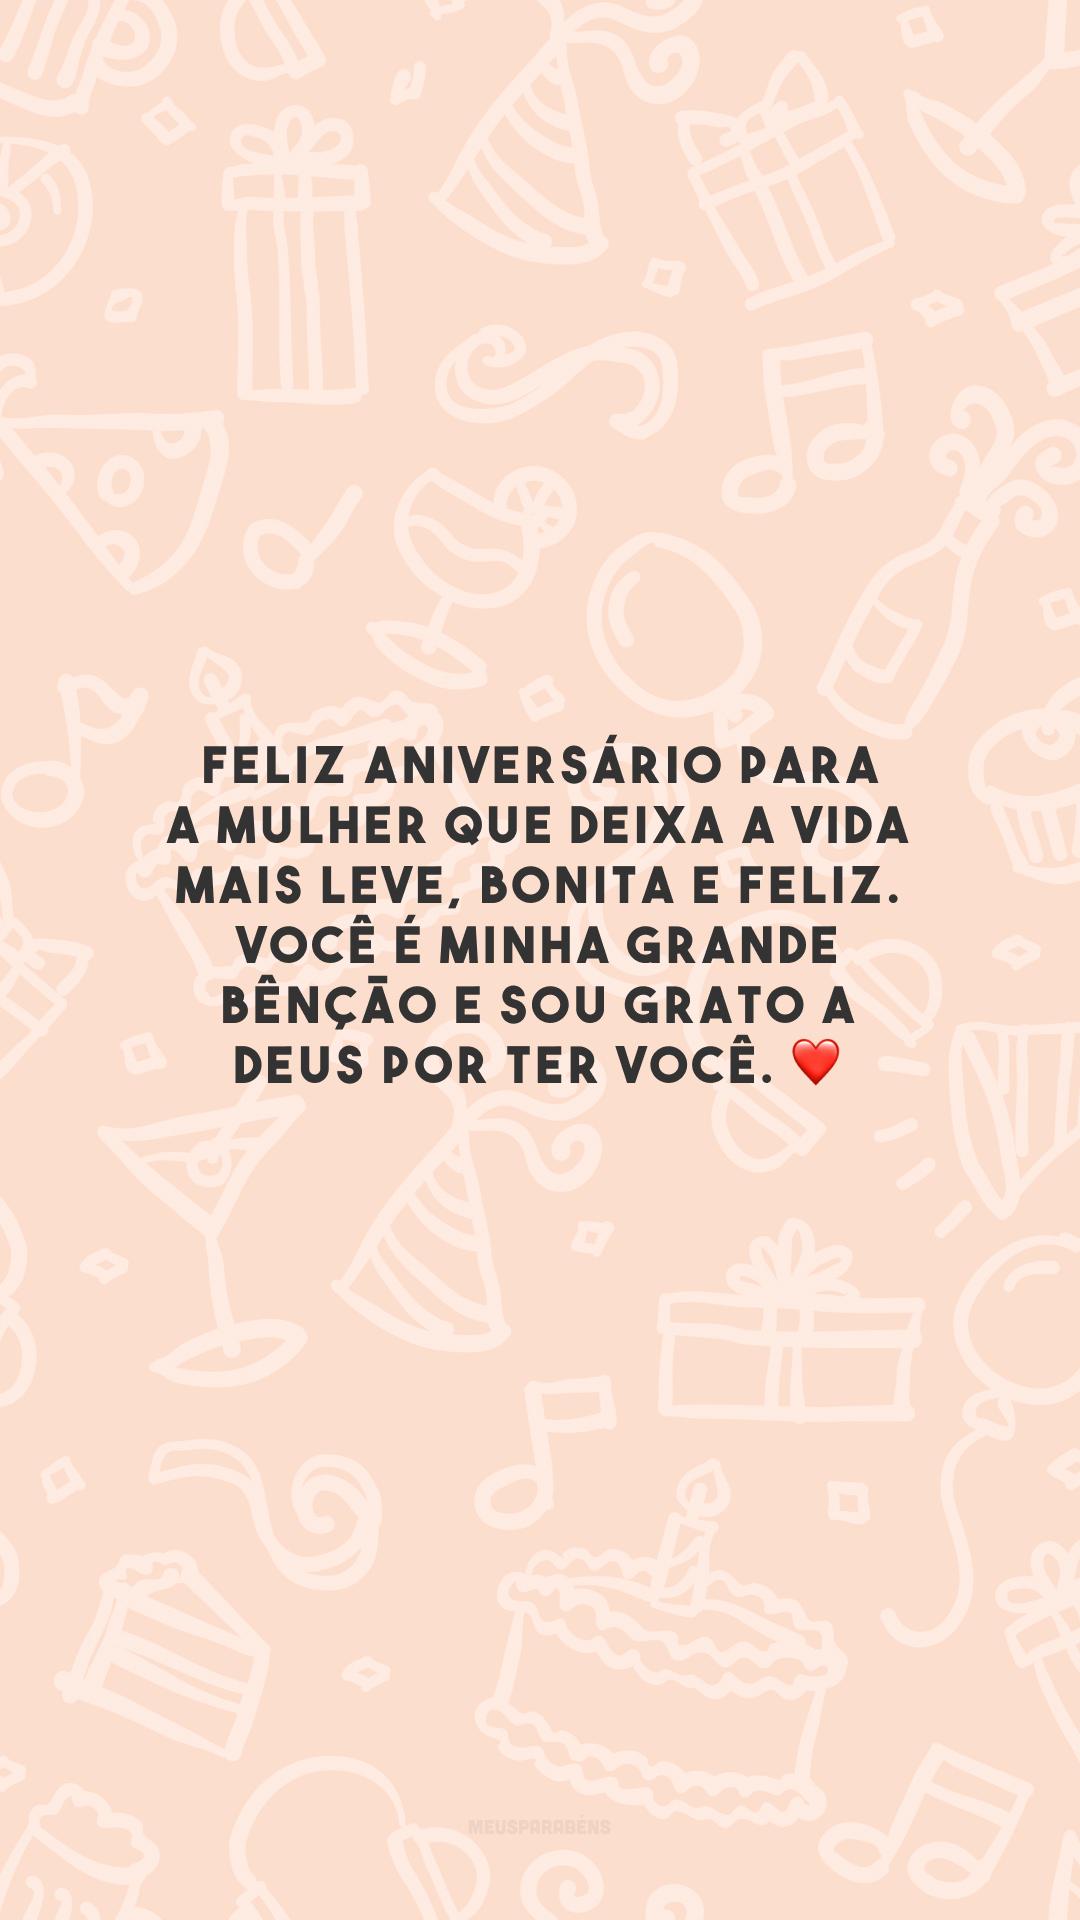 Feliz aniversário para a mulher que deixa a vida mais leve, bonita e feliz. Você é minha grande bênção e sou grato a Deus por ter você. ❤️